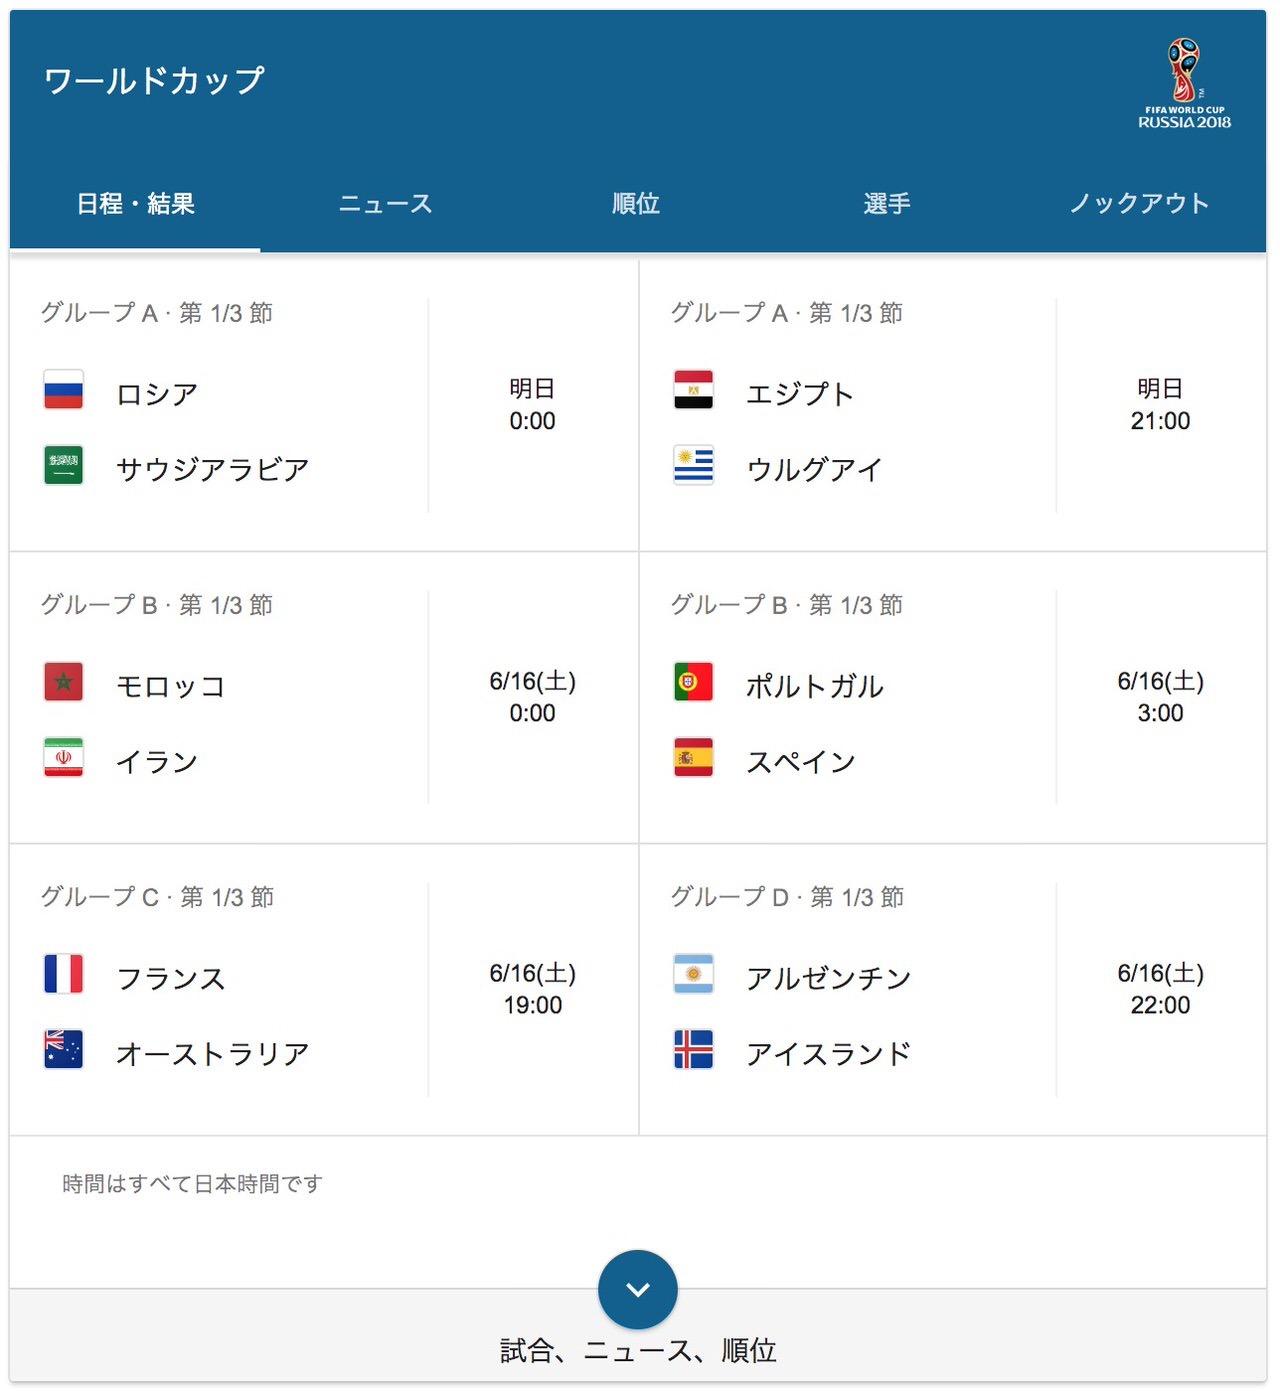 ワールドカップ 2018